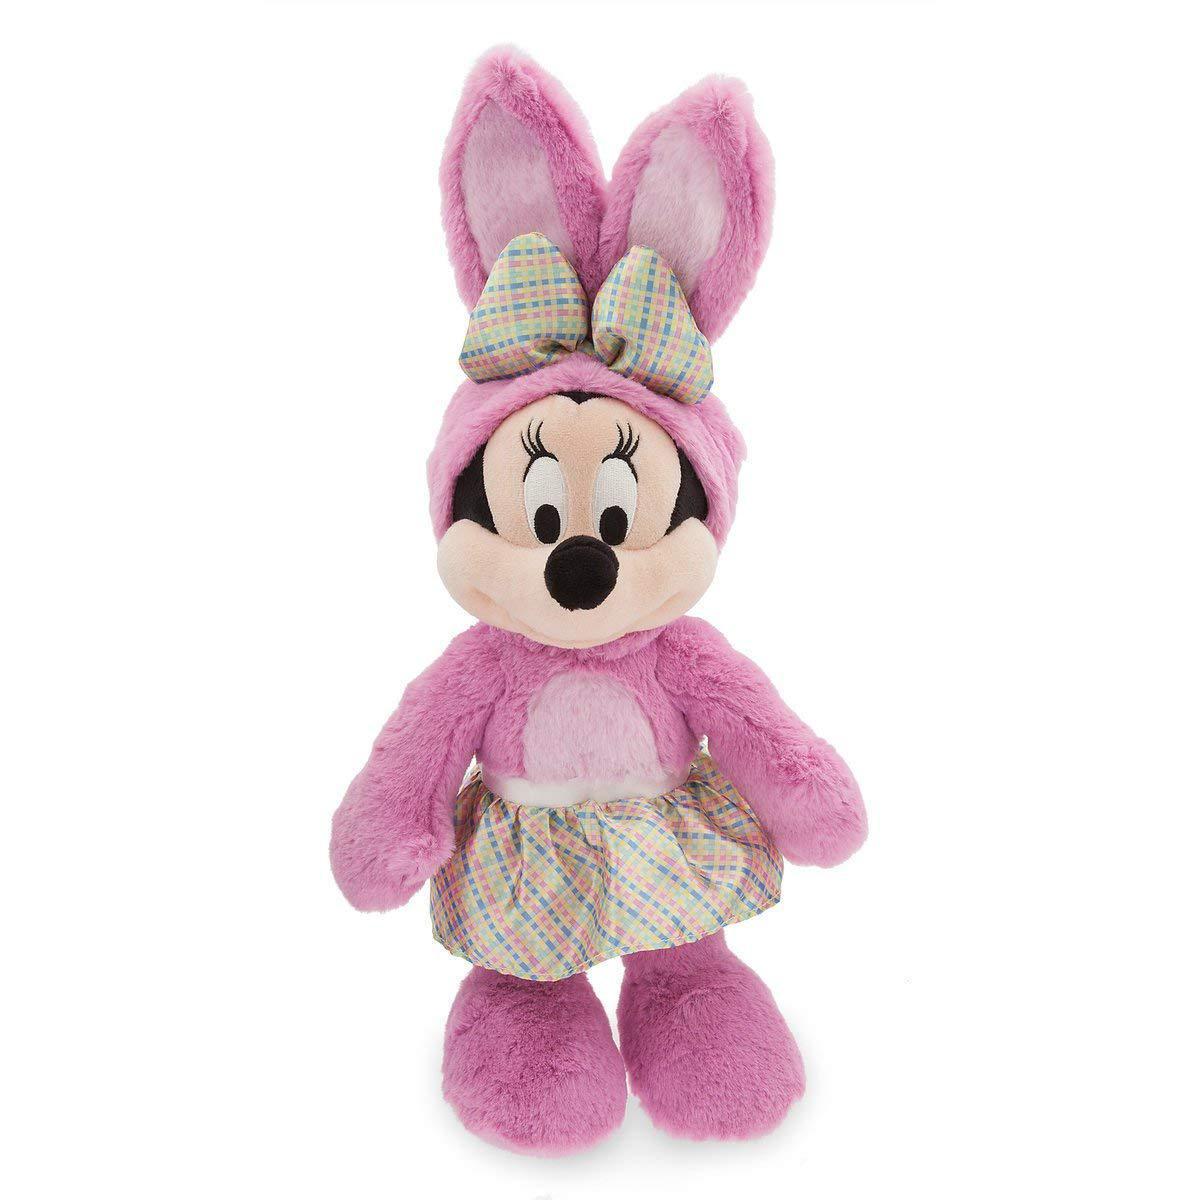 Disney Мягкая игрушка Минни Маус плюшевый зайчик 35см